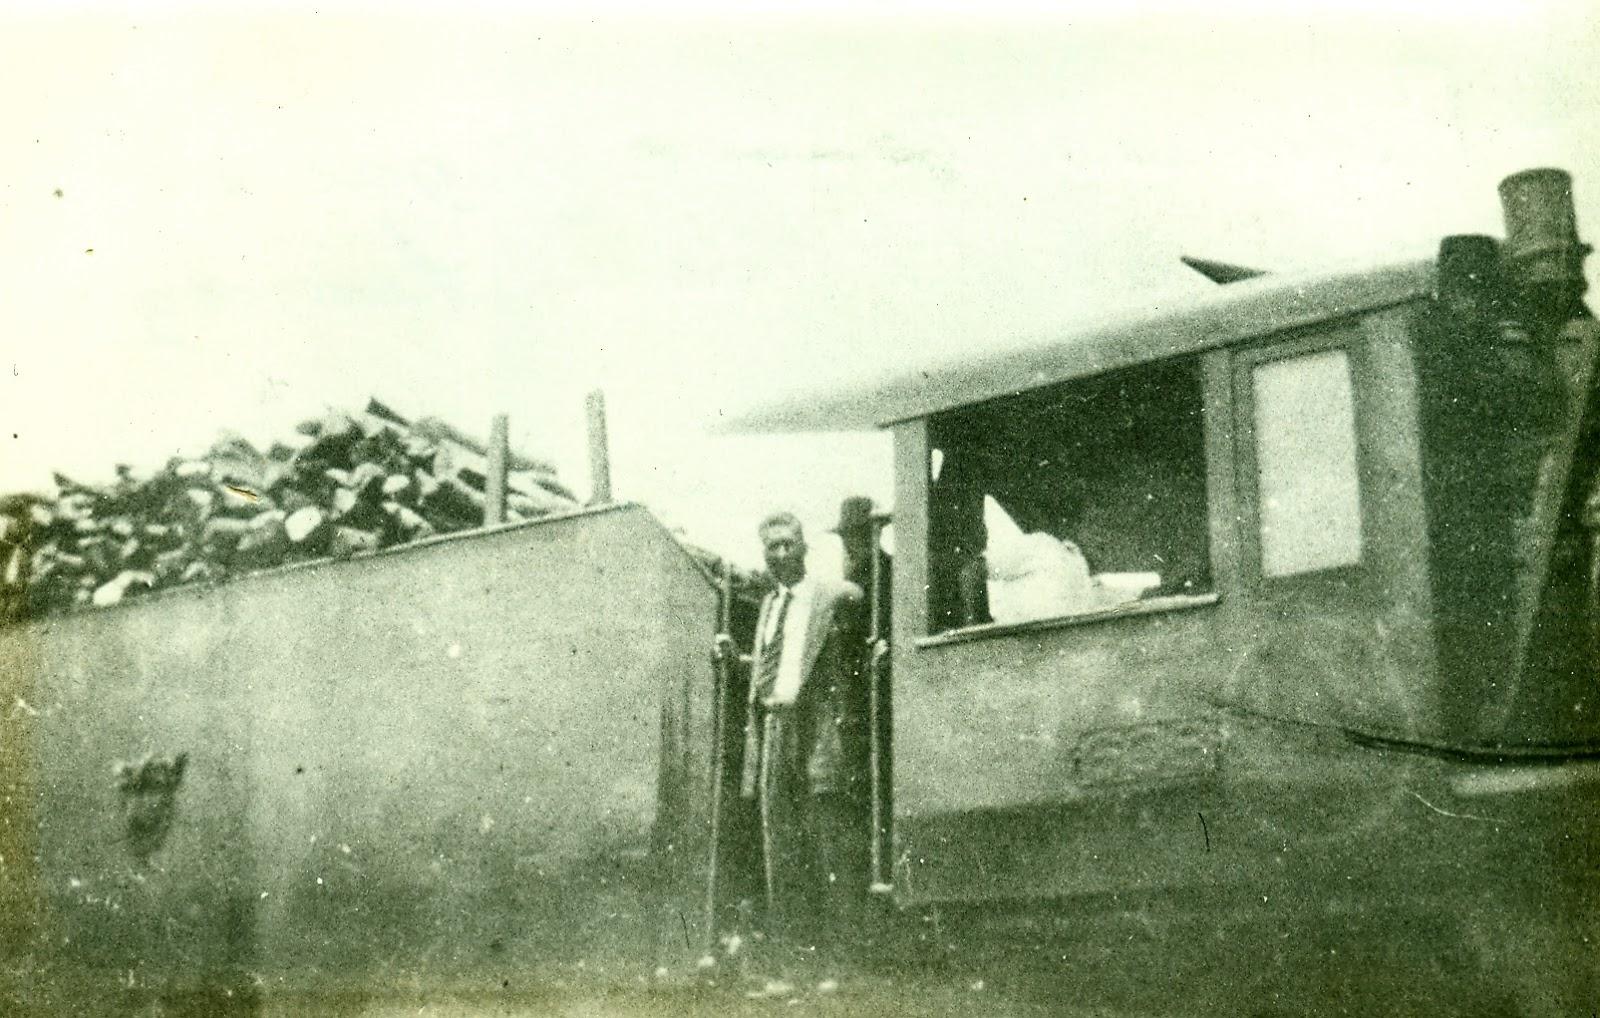 Outro registro: Locomotiva 608 - 1954